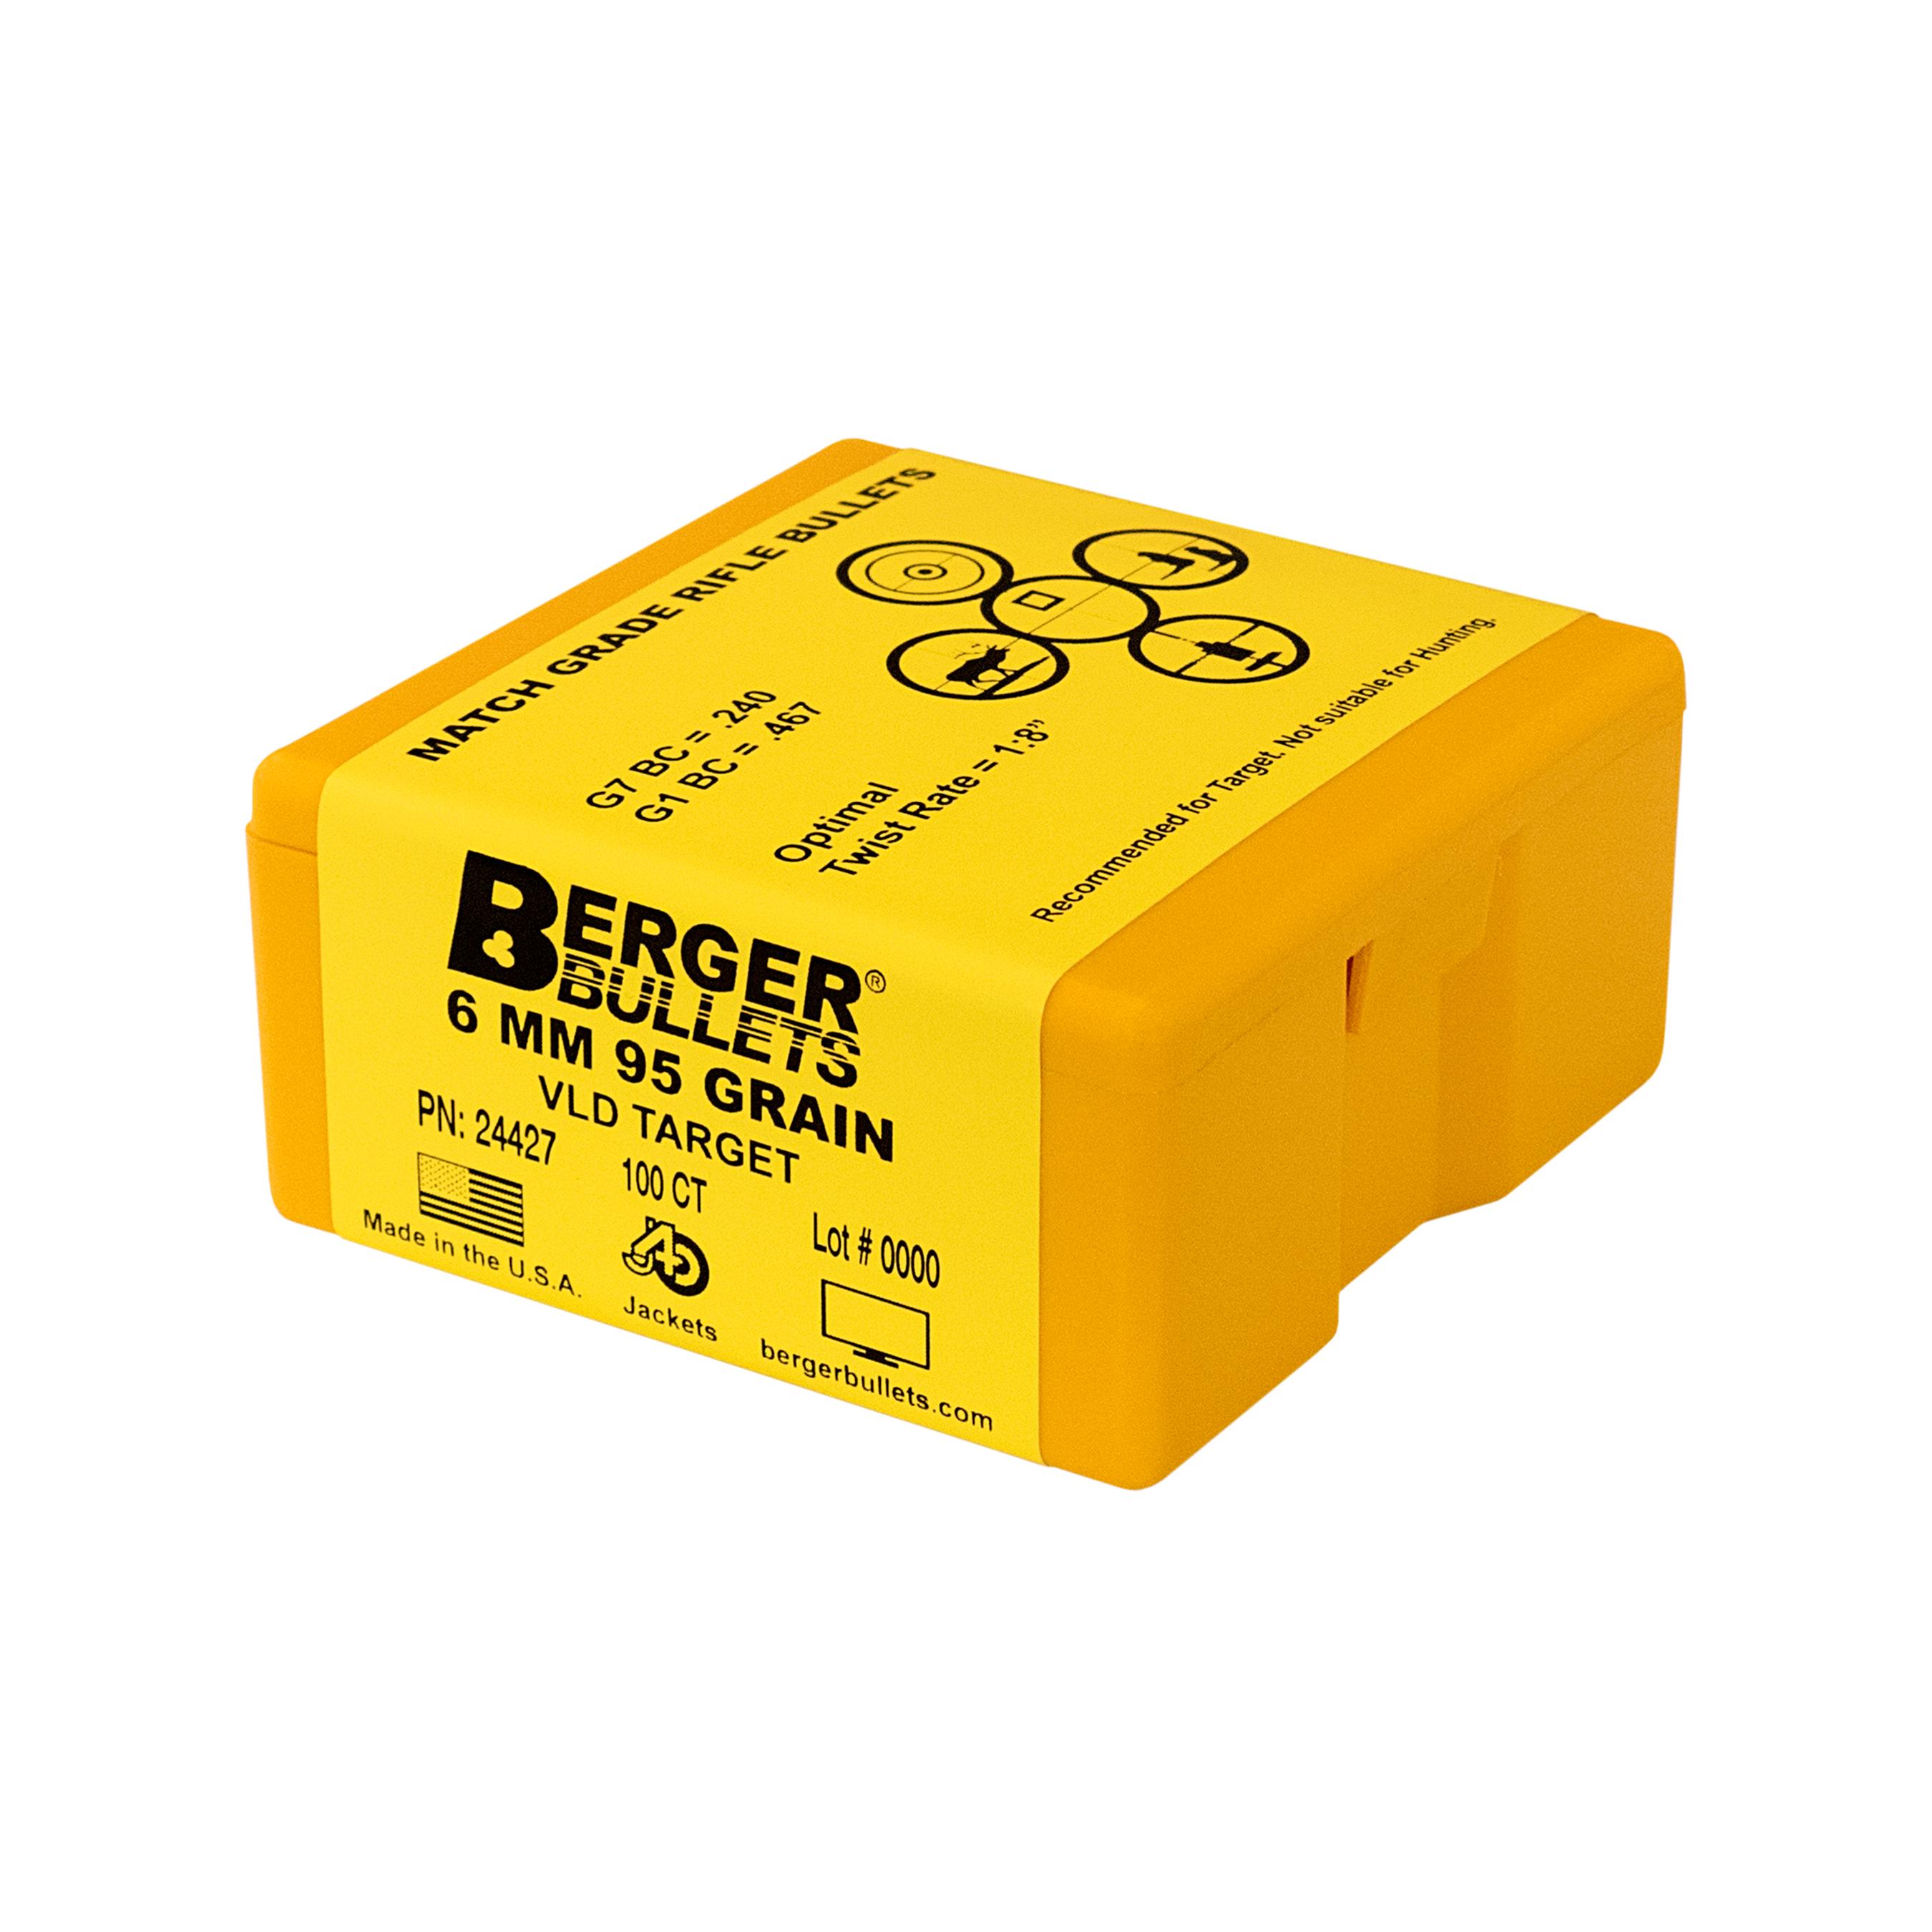 BERGER 6MM 95 GR VLD TARGET BULLETS (100 CT)